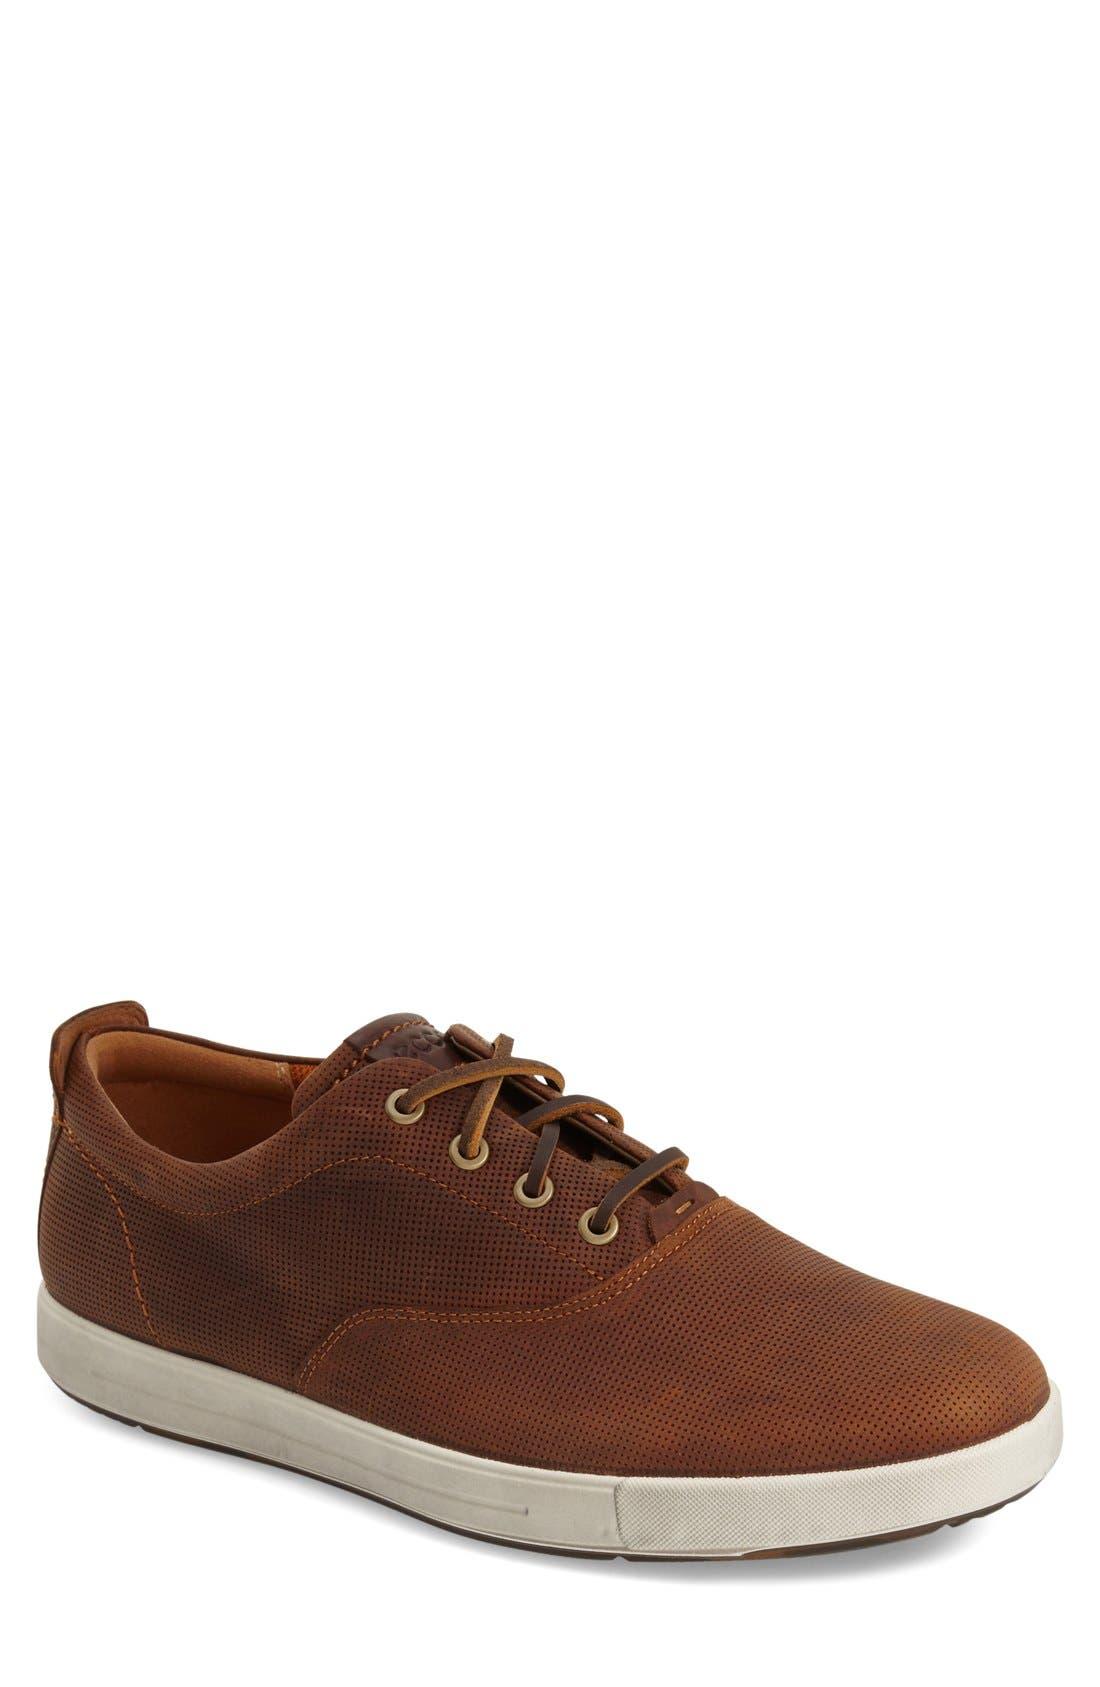 'Eisner' Sneaker,                         Main,                         color, Amber/ Mink Leather